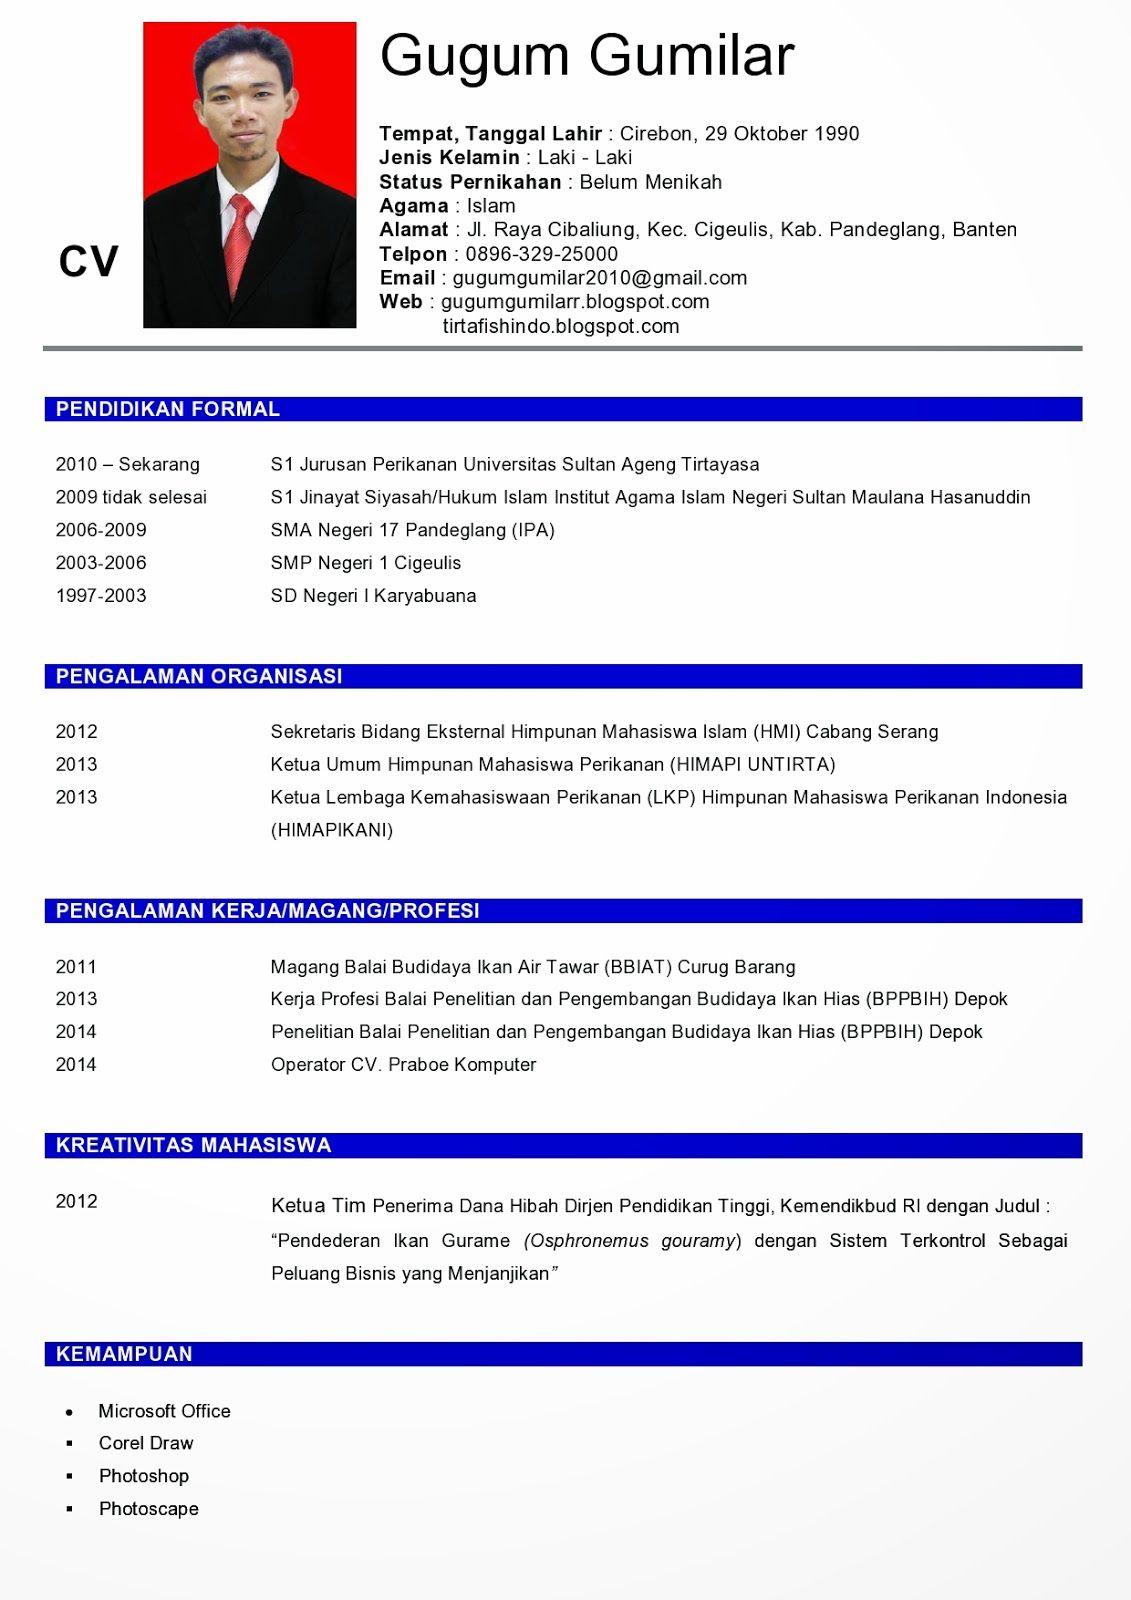 Cara Membuat Riwayat Hidup CV ( Curriculum Vitae ) DIAN